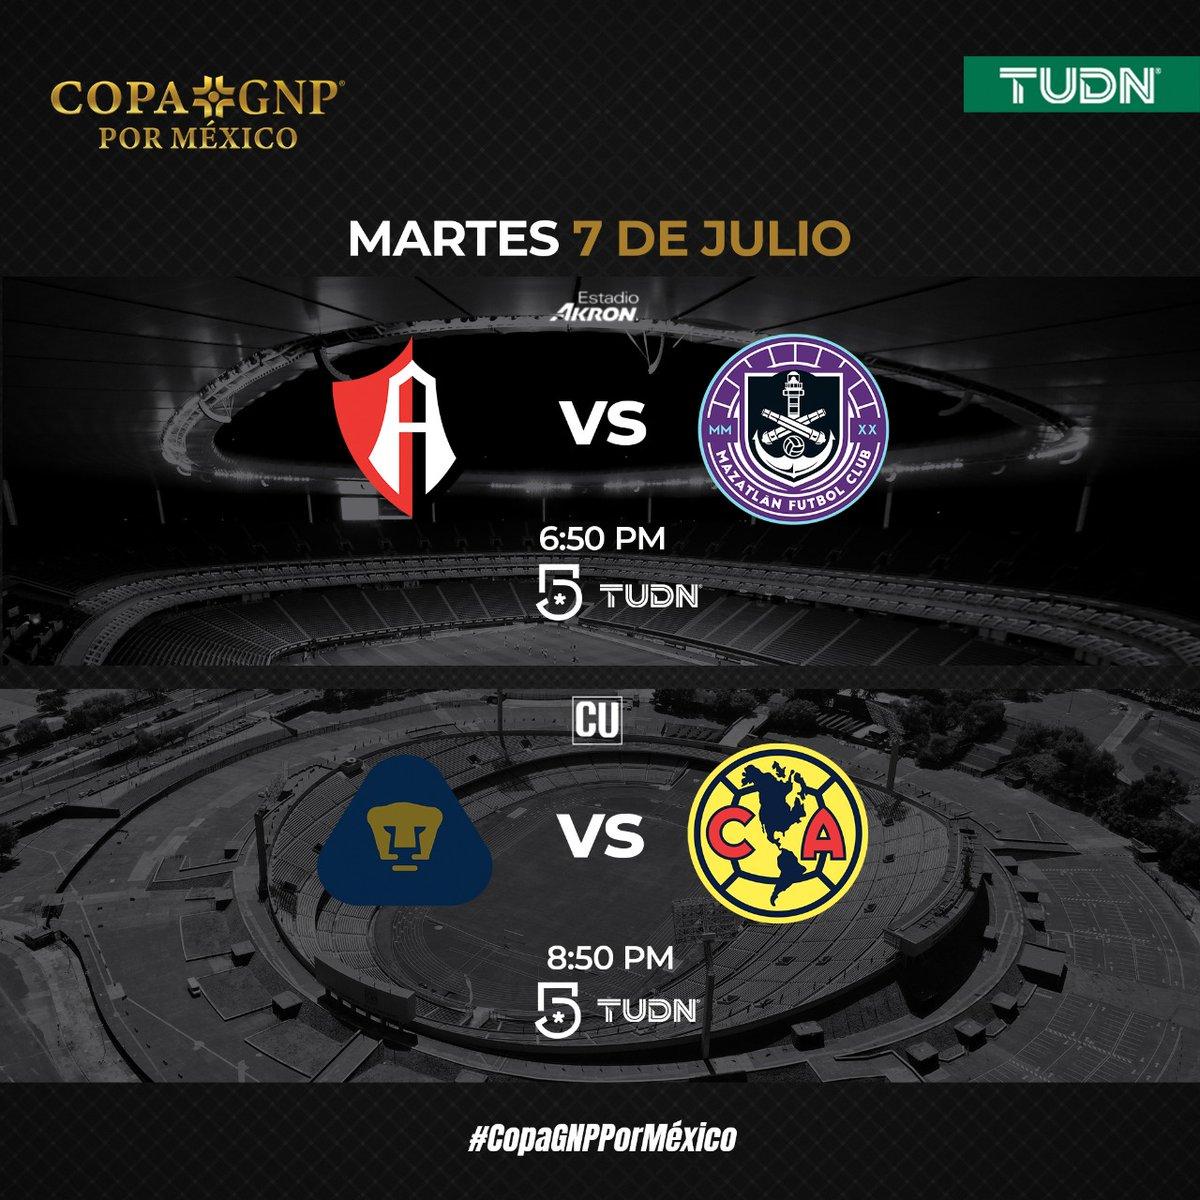 #TUDN está listo para recibir de nuevo al fútbol mexicano ⚽🇲🇽  Disfruta de la #CopaGNPPorMexico 🏆  Martes 7  🔴⚫ @atlasfc 🆚 @MazatlanFC ⚓  🐾 @PumasMX  🆚 @ClubAmerica 🦅  📺   @TUDNMEX  | @MiCanal5